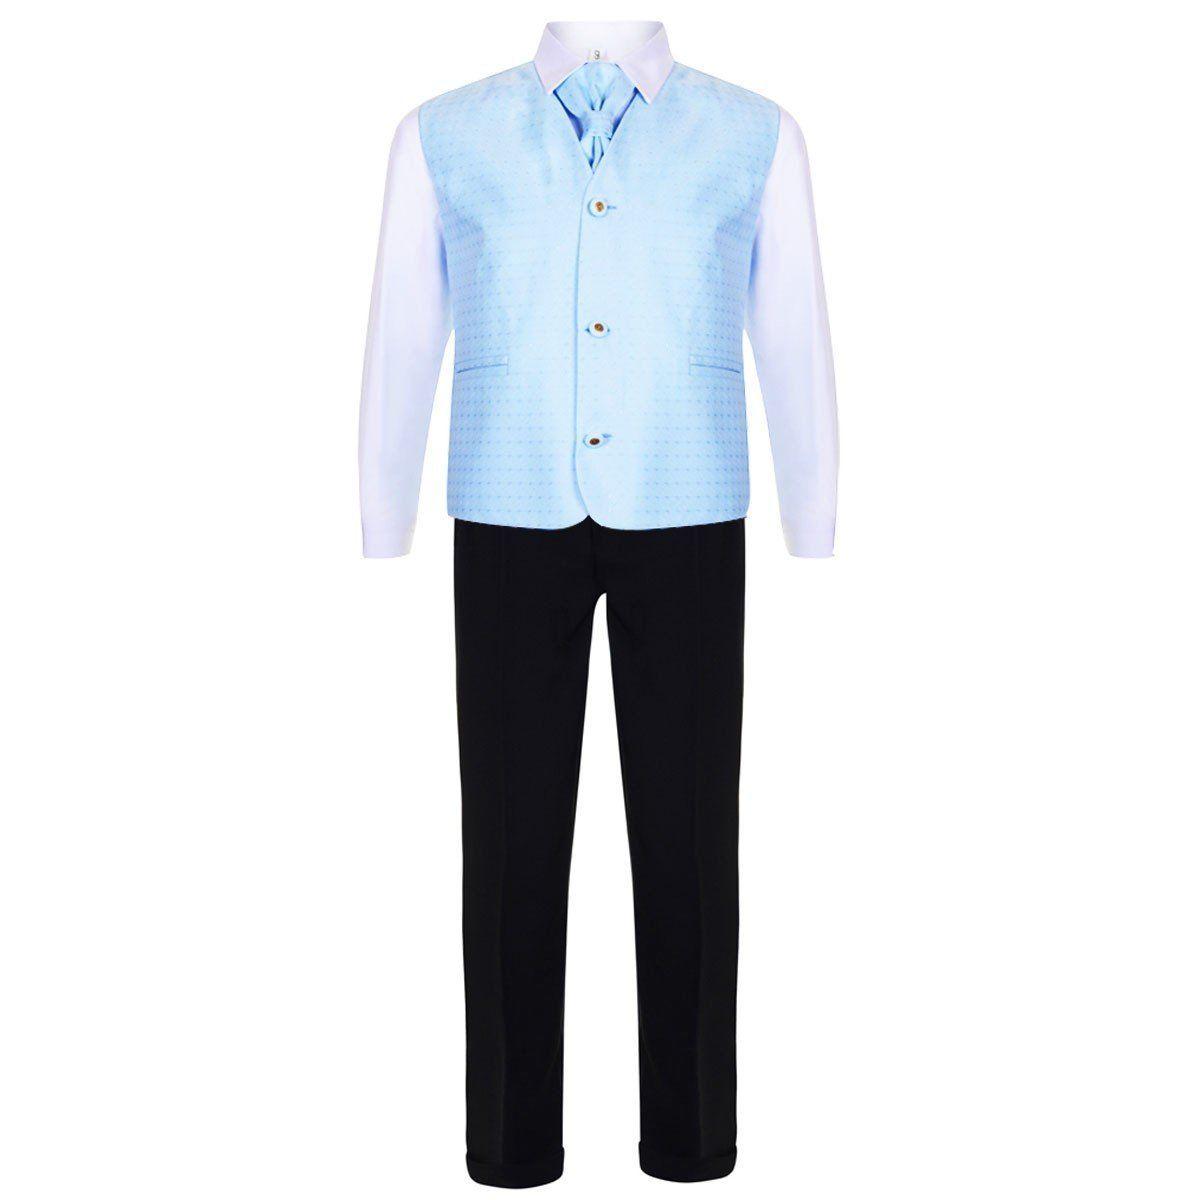 AKCE - světle modrý oblek k zapůjčení - Obrázek č. 1